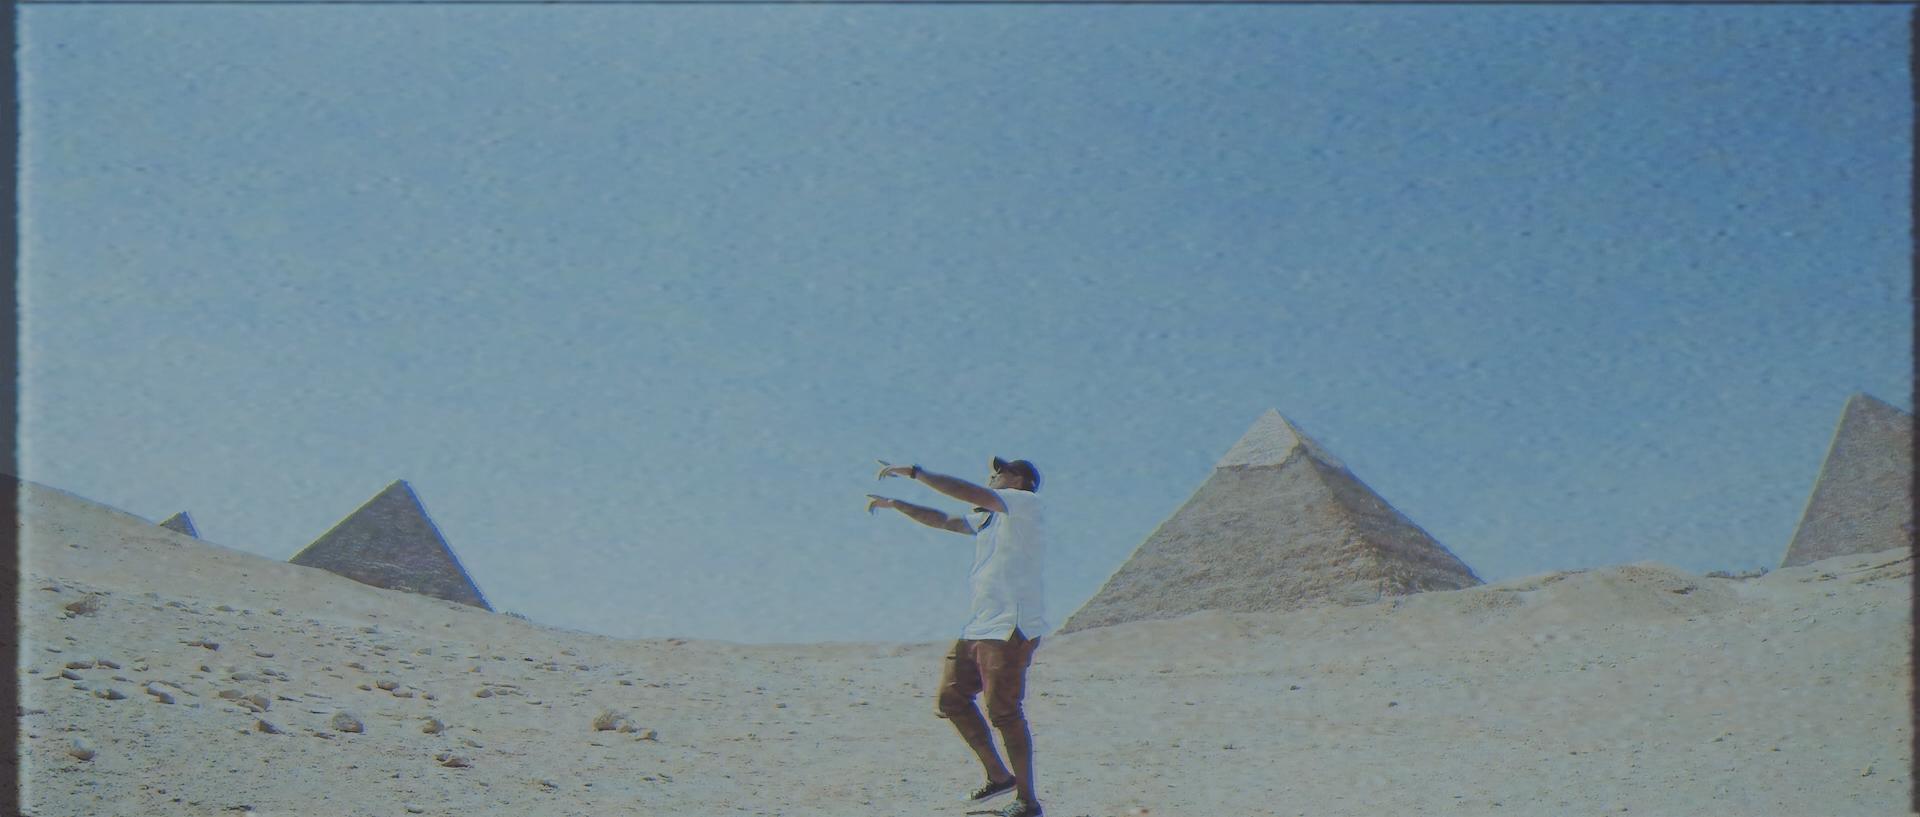 Stills - Cinema - Dp - Frame- Cinematographer - Miguel Bautista - Production - Filmmaking - Cine 008.jpg